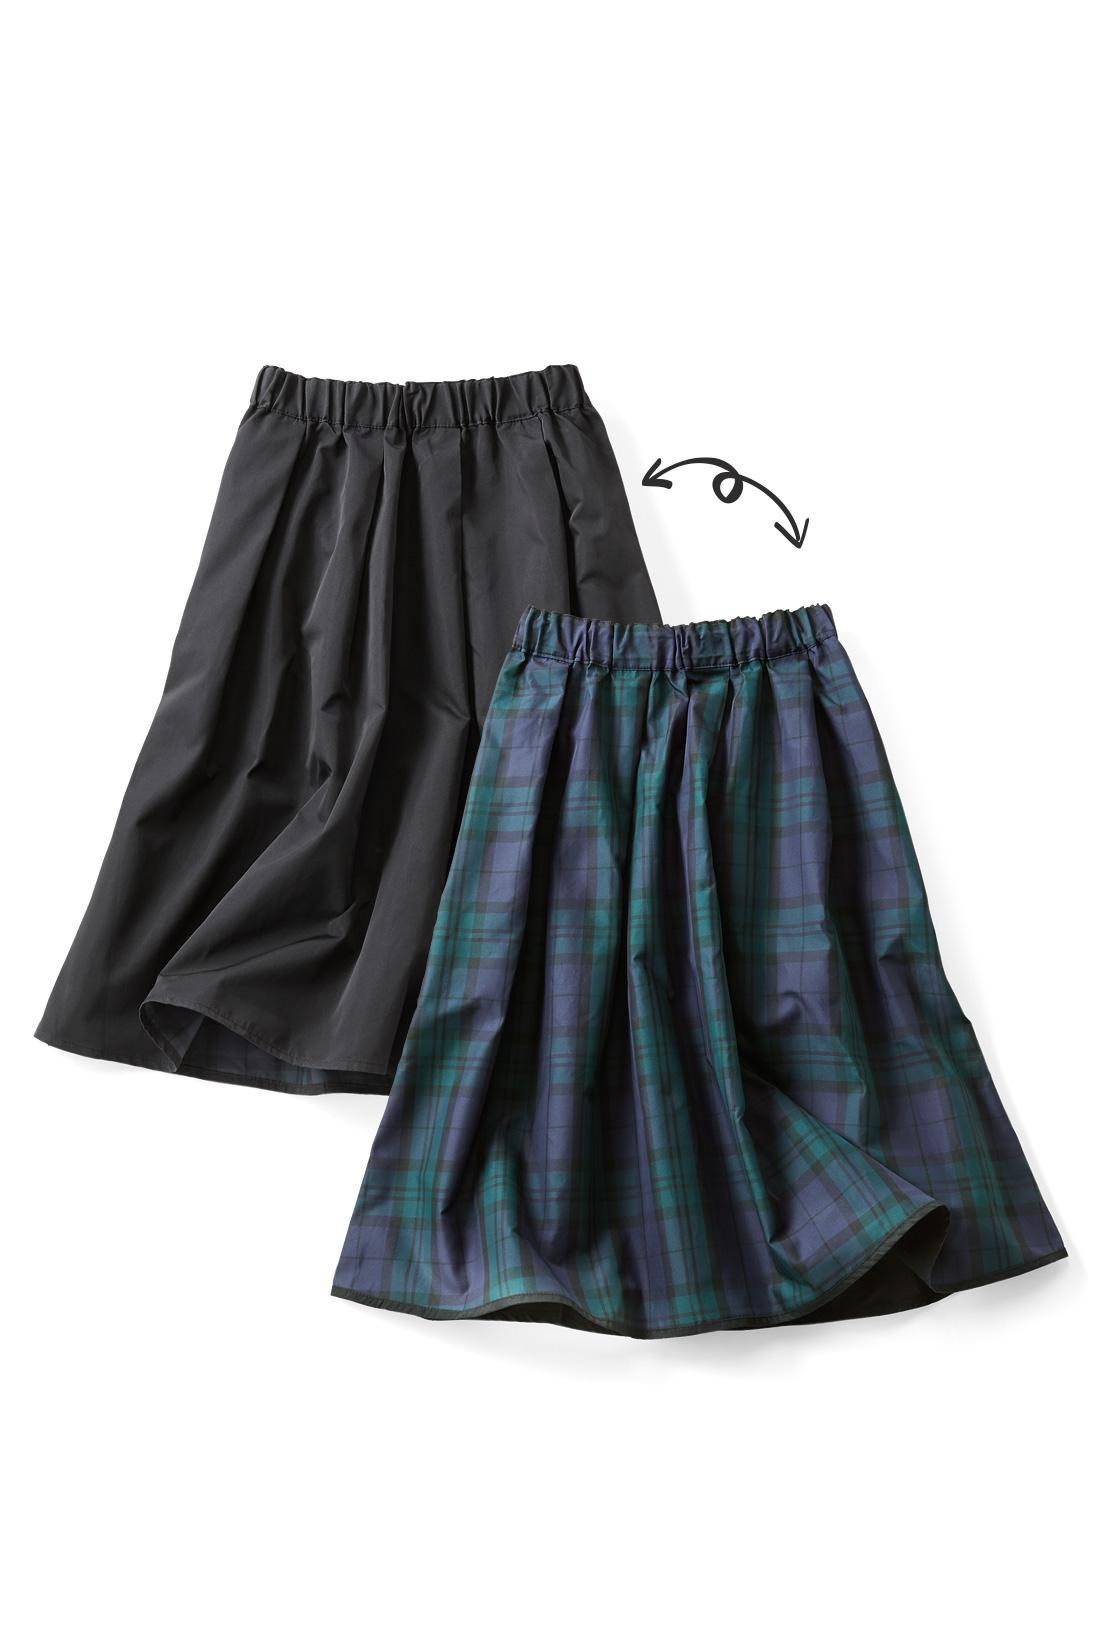 〈ブラック〉 着こなしの幅を広げる2-WAYスカートで印象を自由にスイッチ!